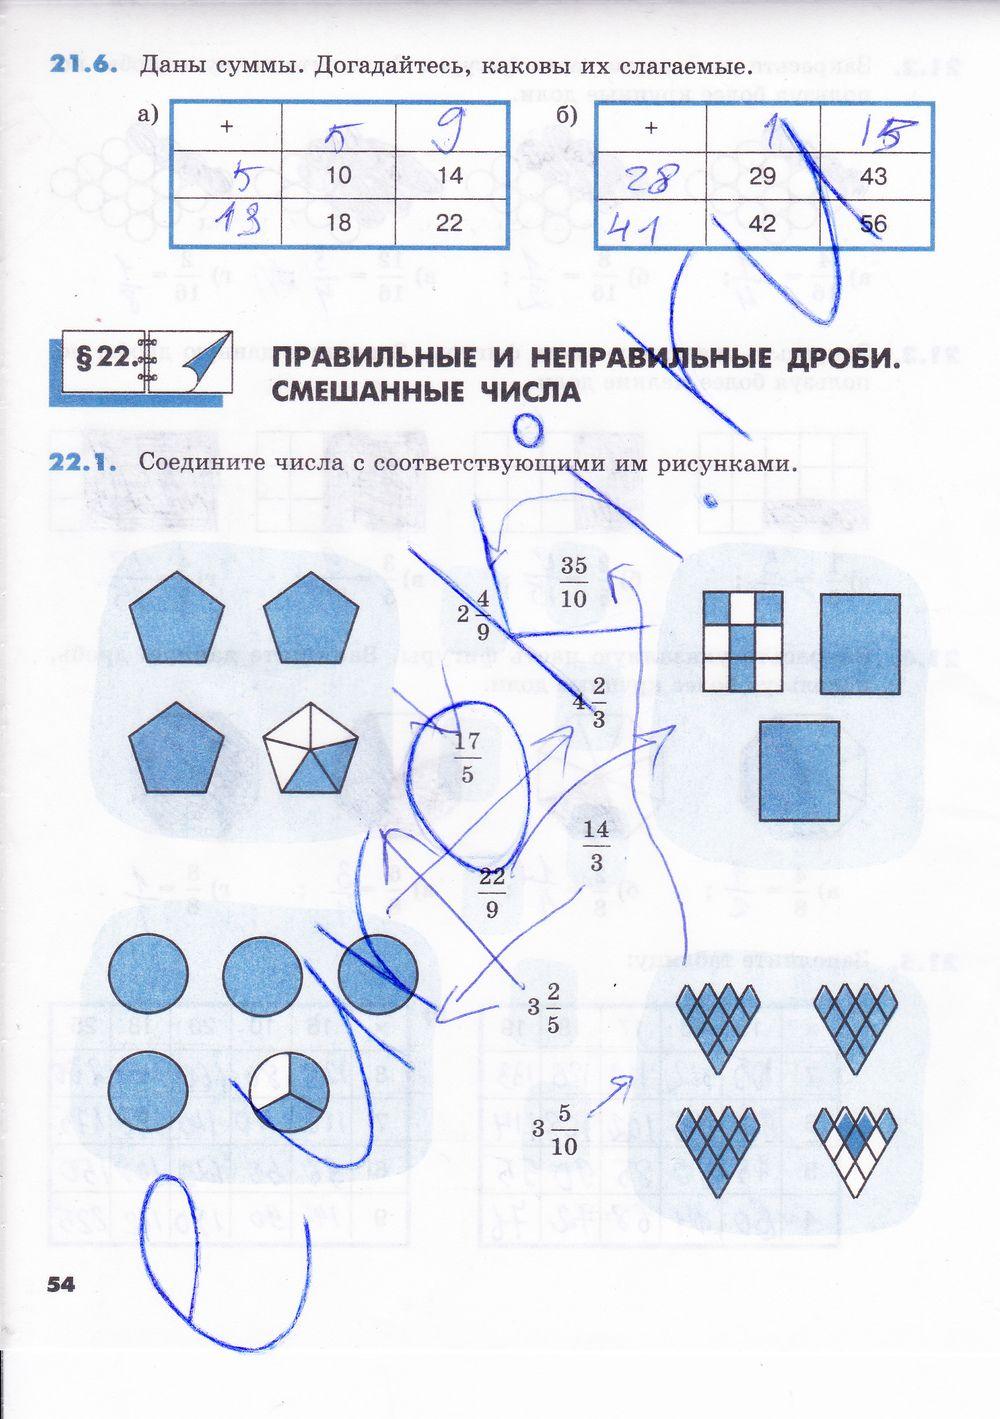 Гдз по русскому языку под редакцией ю.с. пичугова 9кл